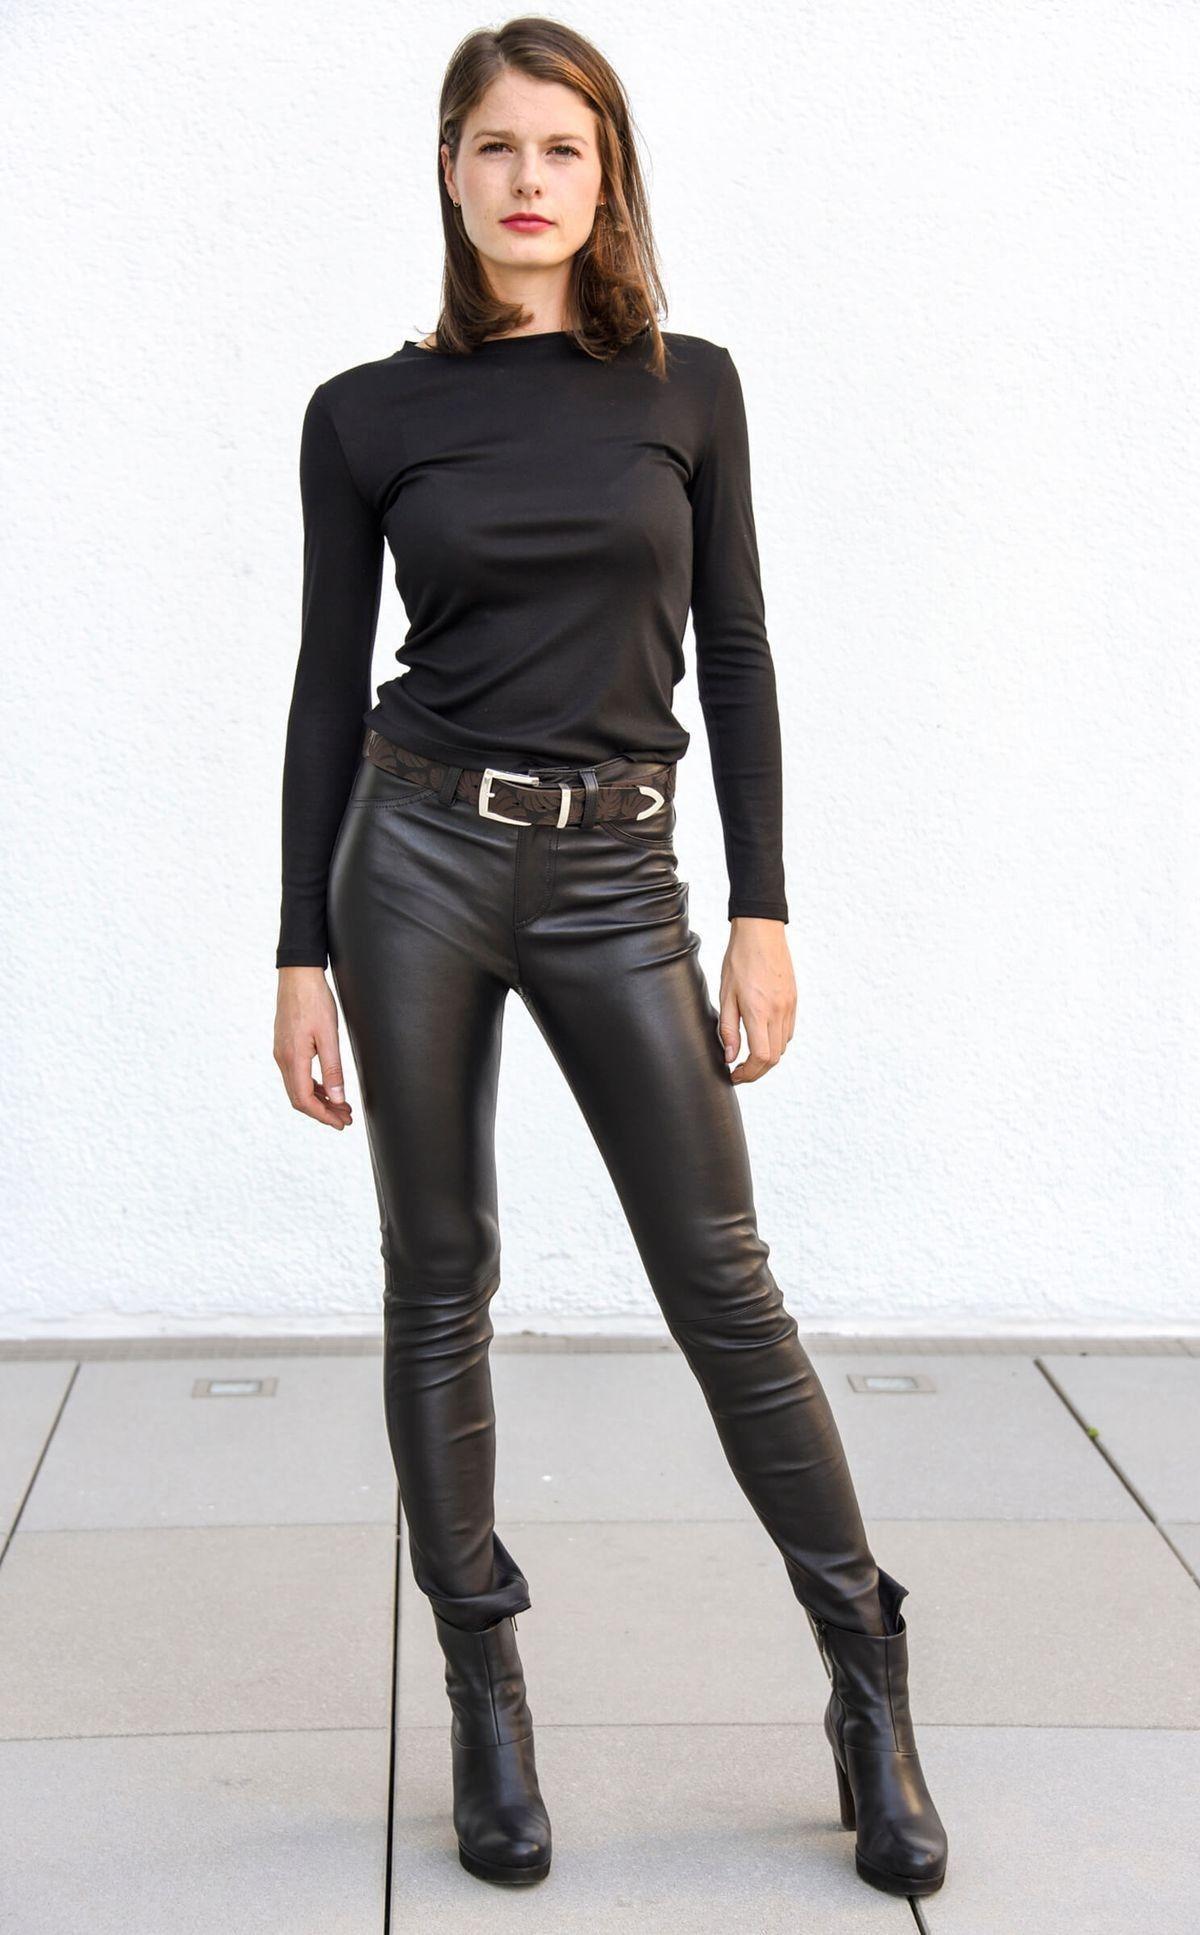 Lederlady ️ | Lederhose damen schwarz, Lederhose damen